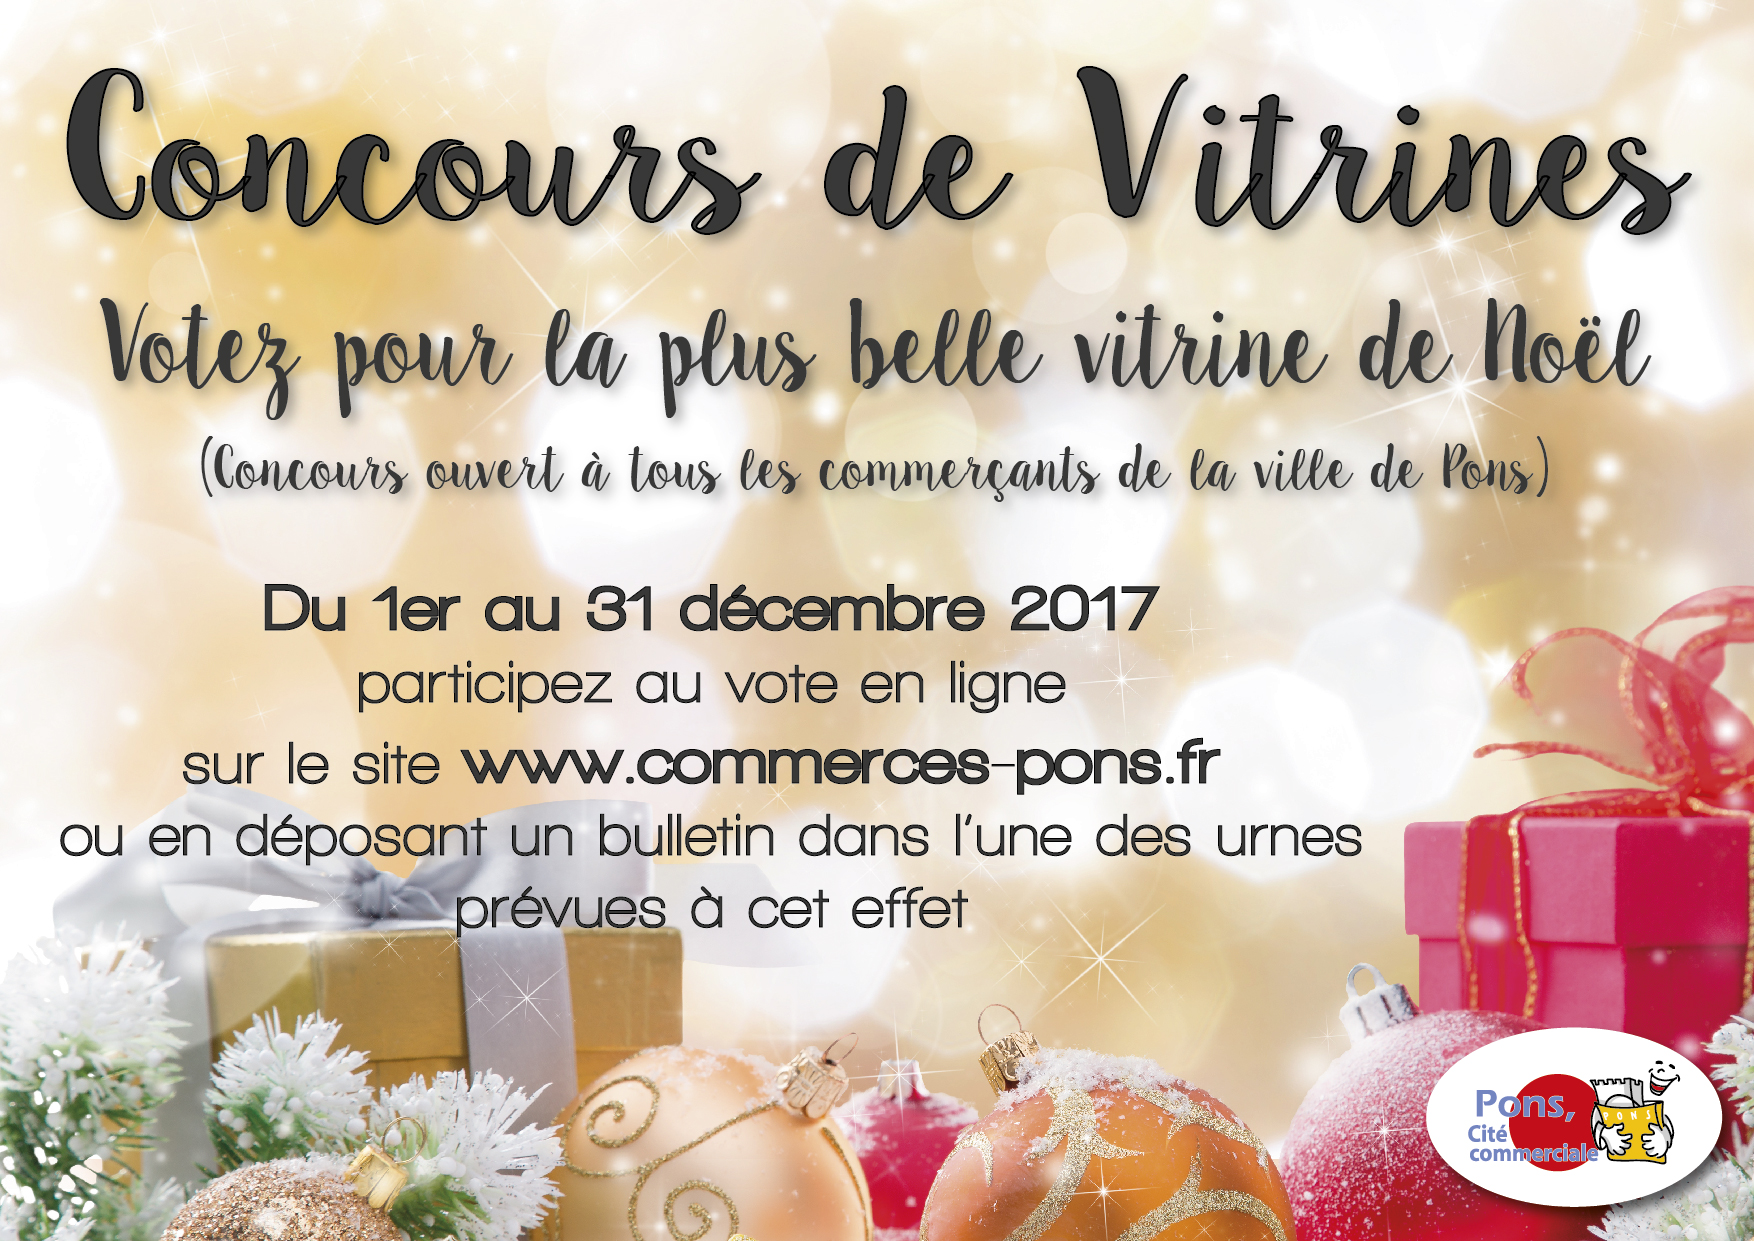 GICC de Pons - Concours de vitrines de Noël 2017